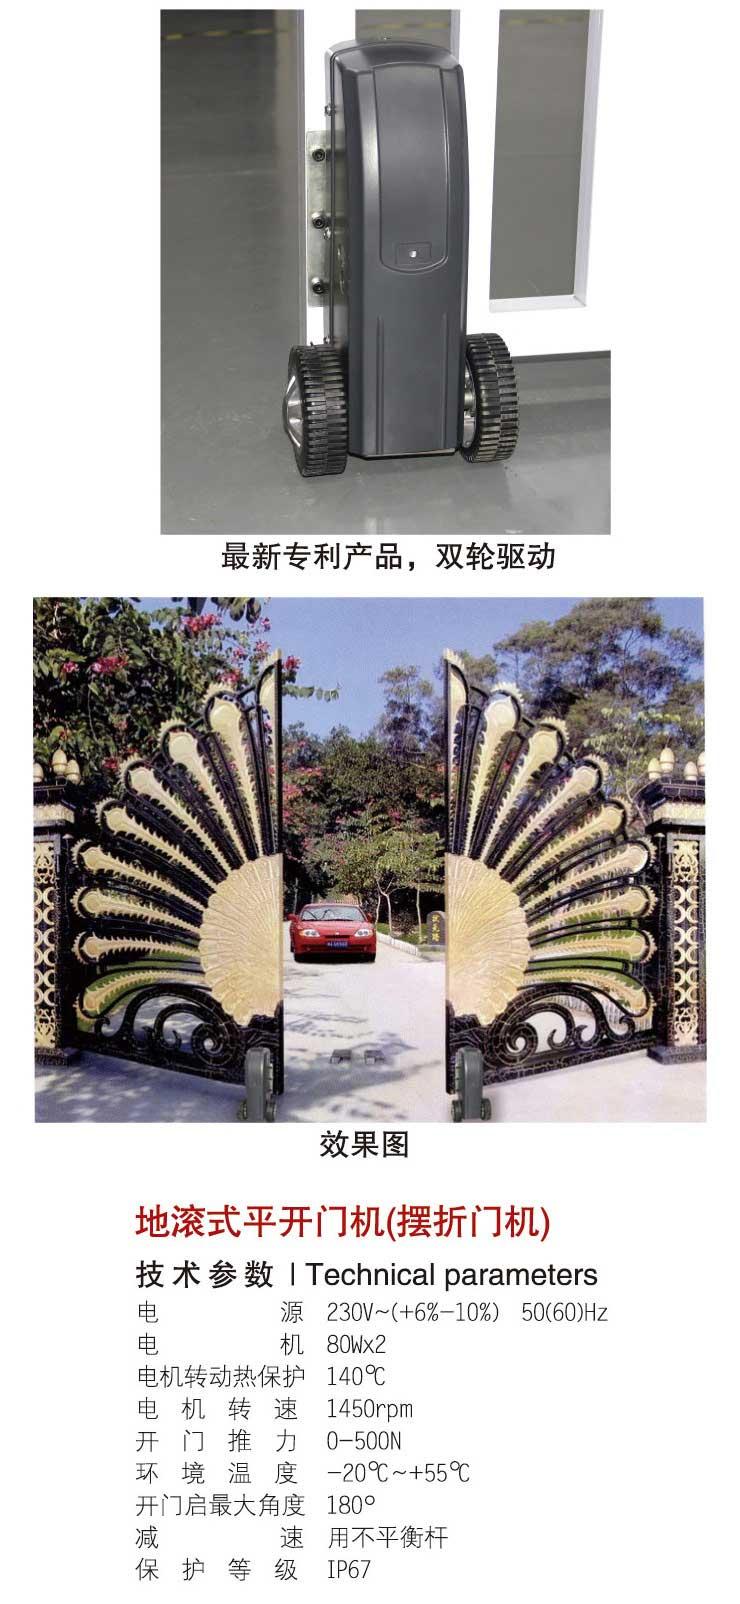 Motor cửa cổng mở 2 cánh chạy bánh xe